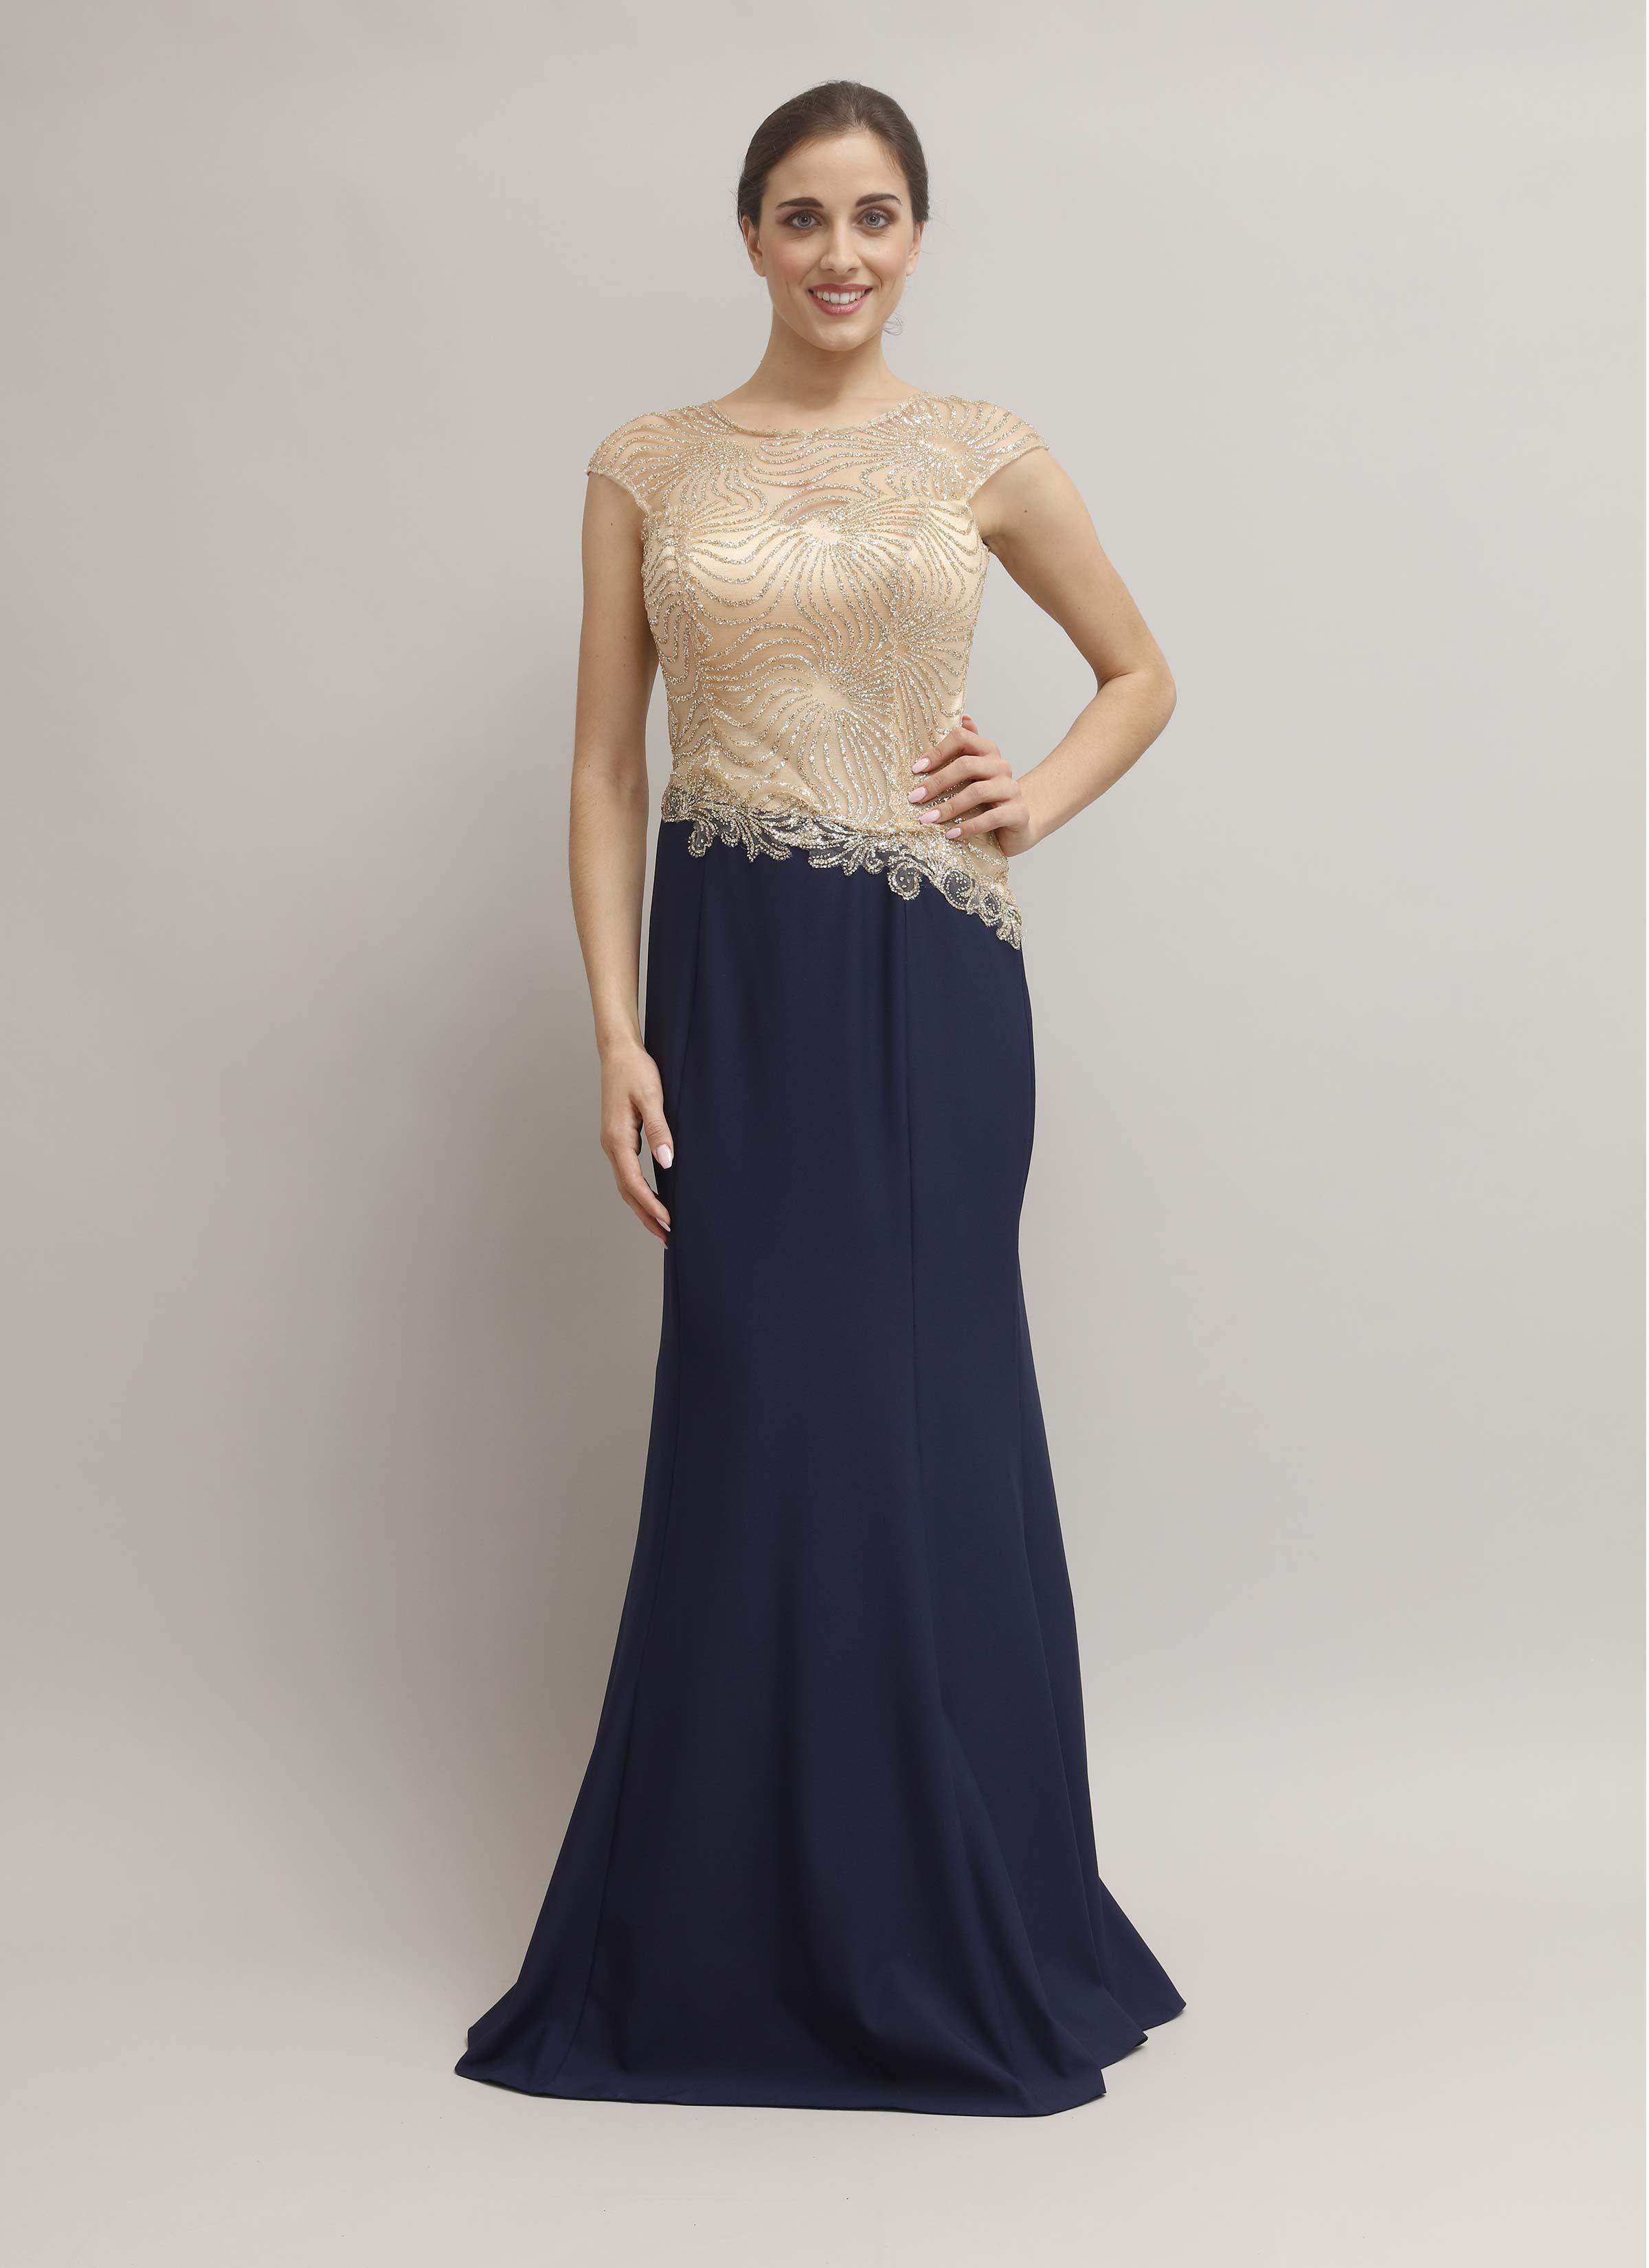 designer fashion a7619 19d6a Lucina | Vestito da cerimonia con paillettes color oro Mariella Gennarino